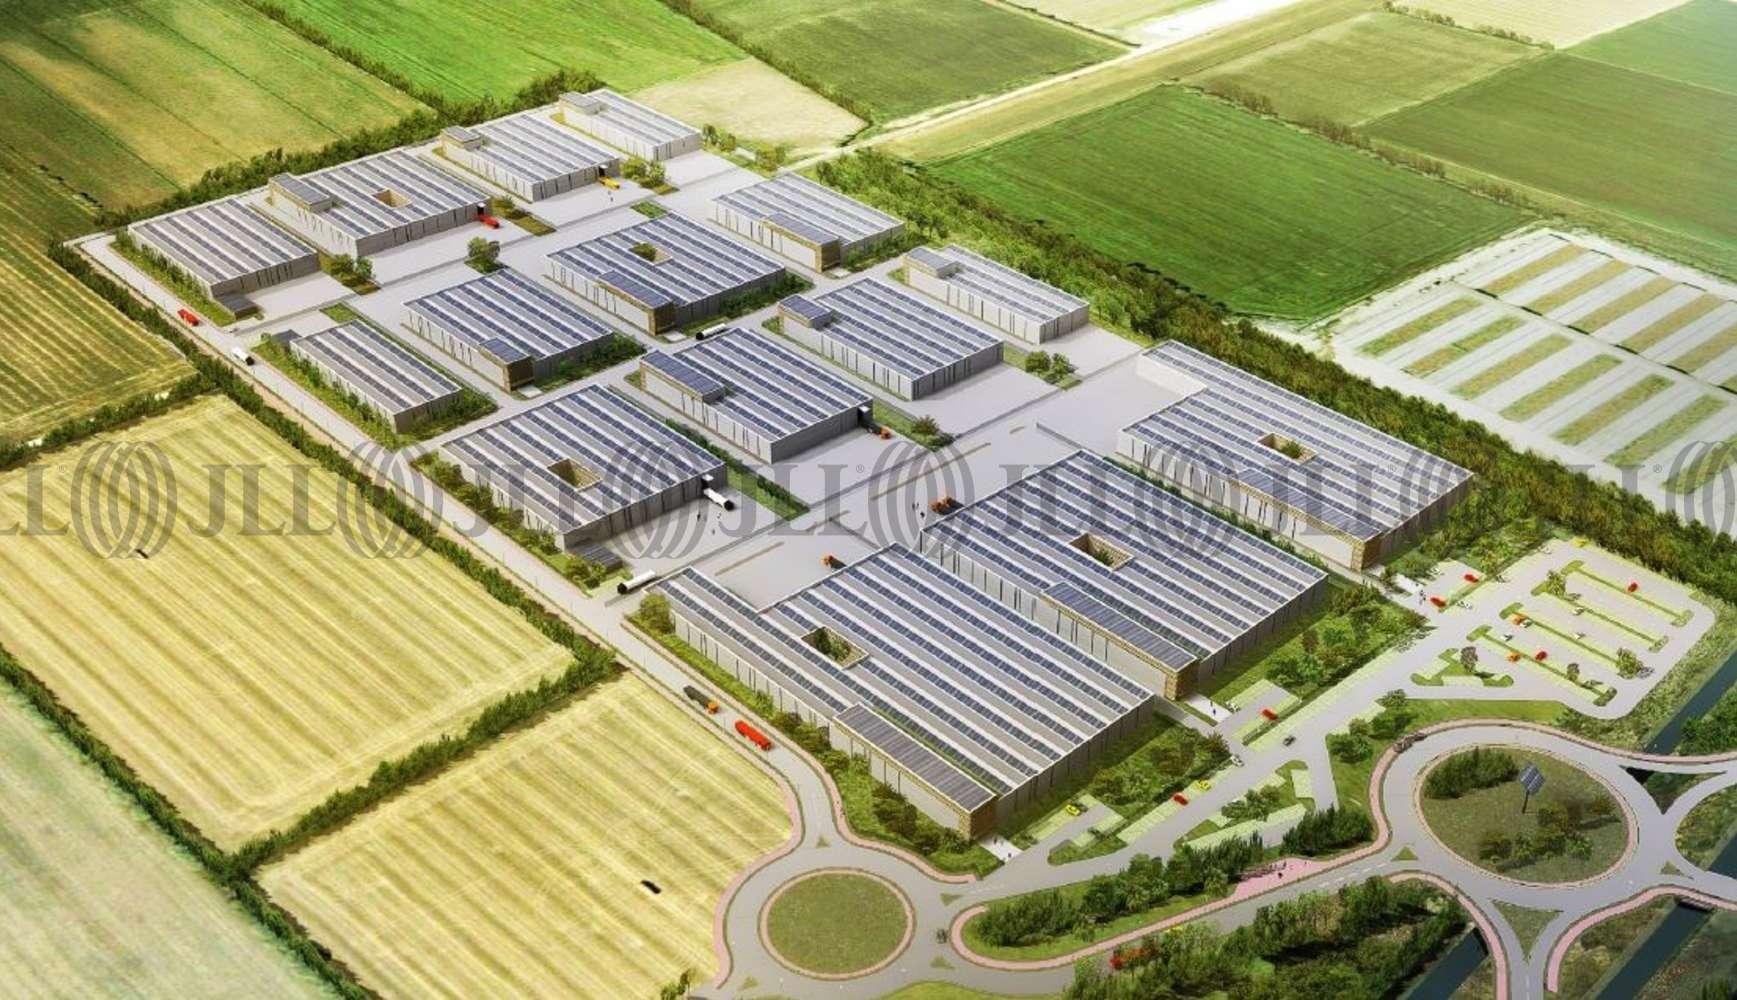 Magazzini industriali e logistici Vellezzo bellini, 27010 - Vellezzo Bellini (PV)